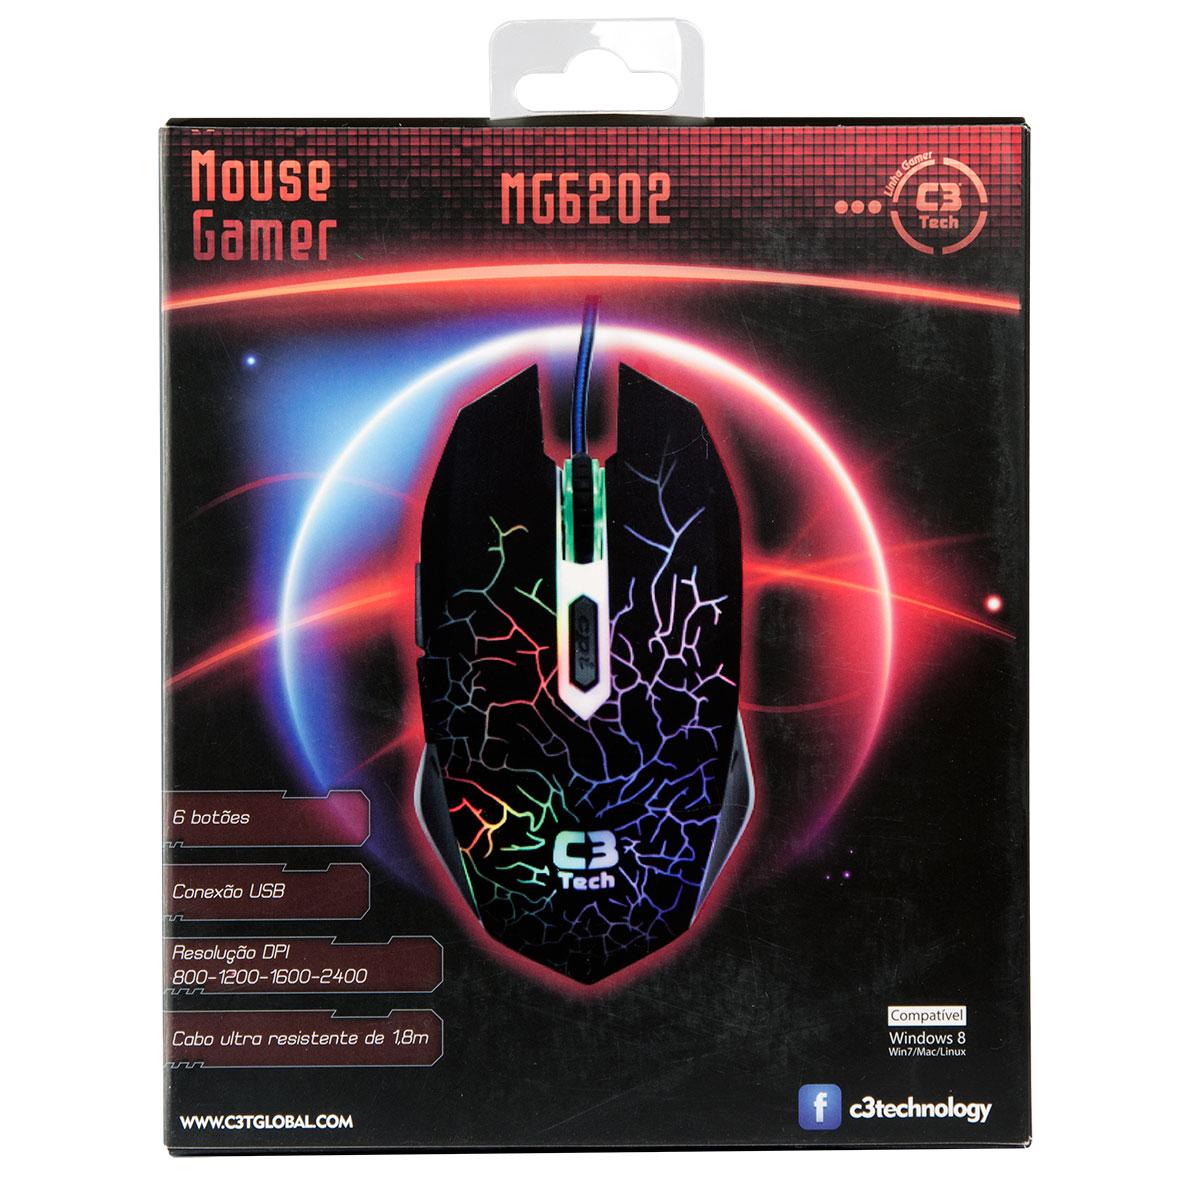 Mouse Gamer Óptico USB 6 Botões MG6202 BK 2400DPI - C3 Tech  - ShopNoroeste.com.br